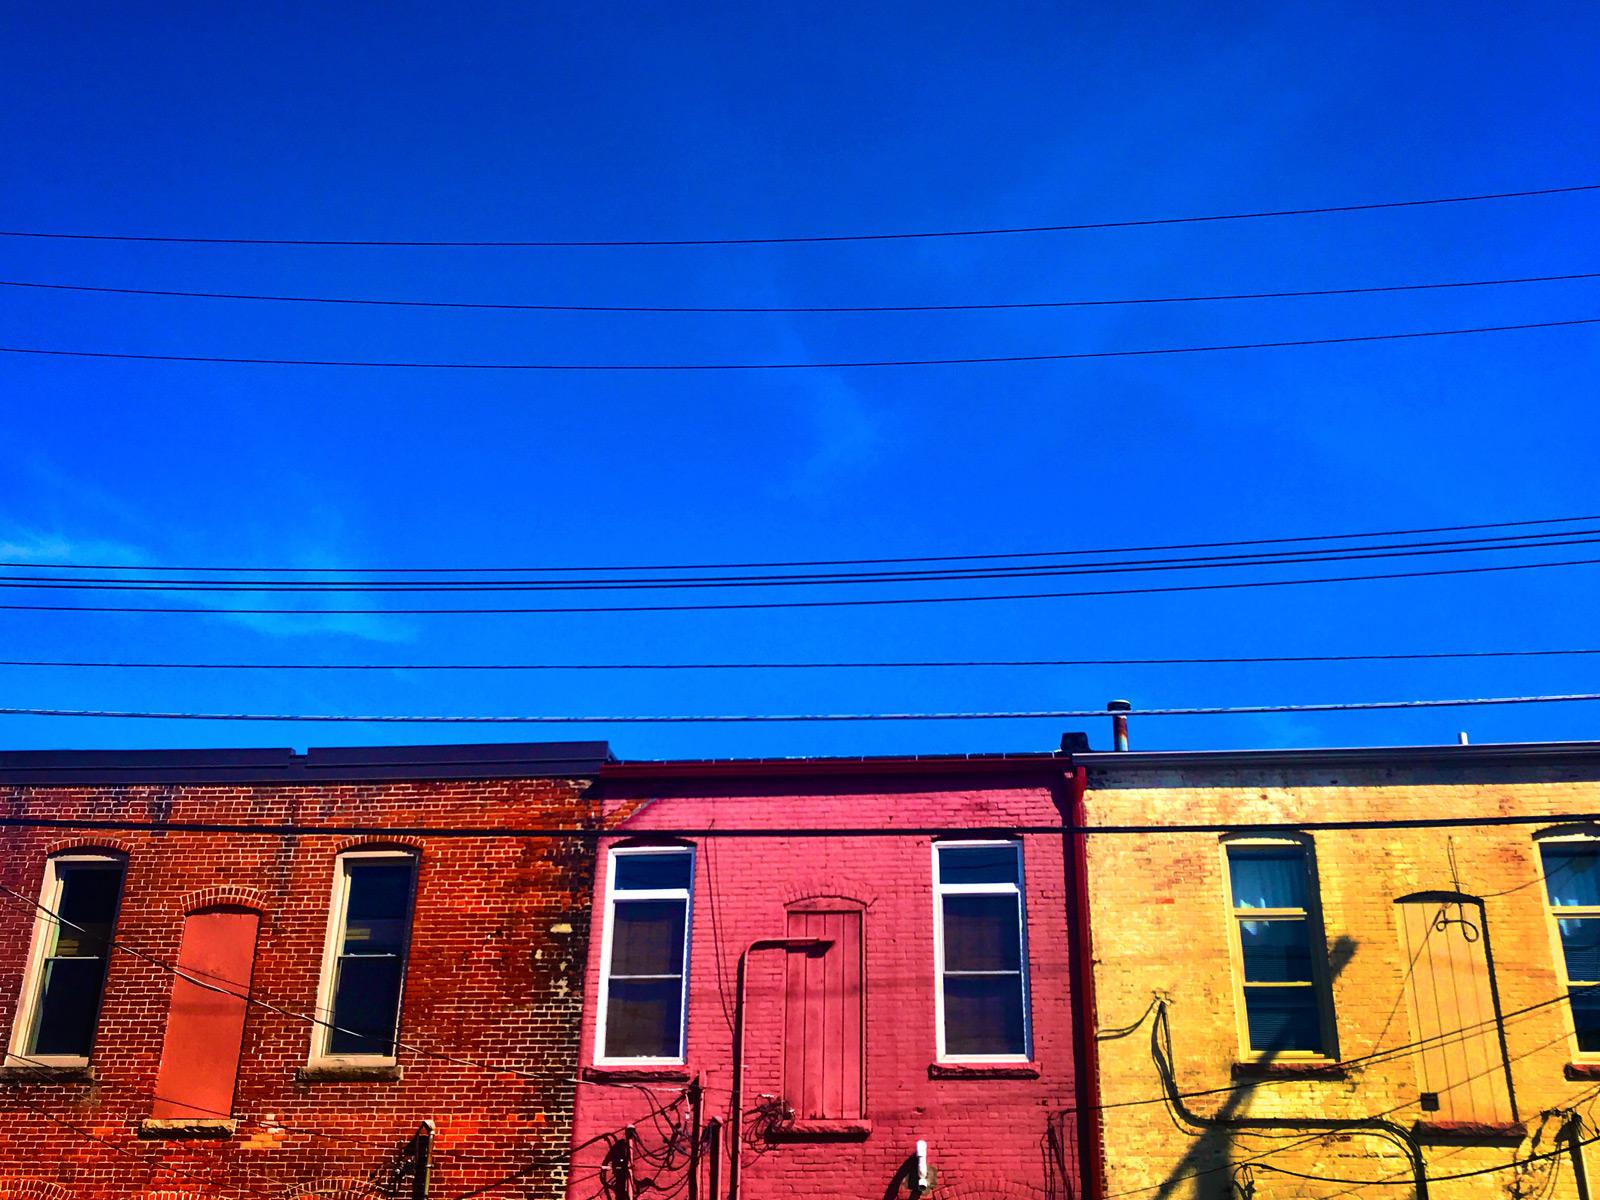 Buildings-and-Sky.jpg